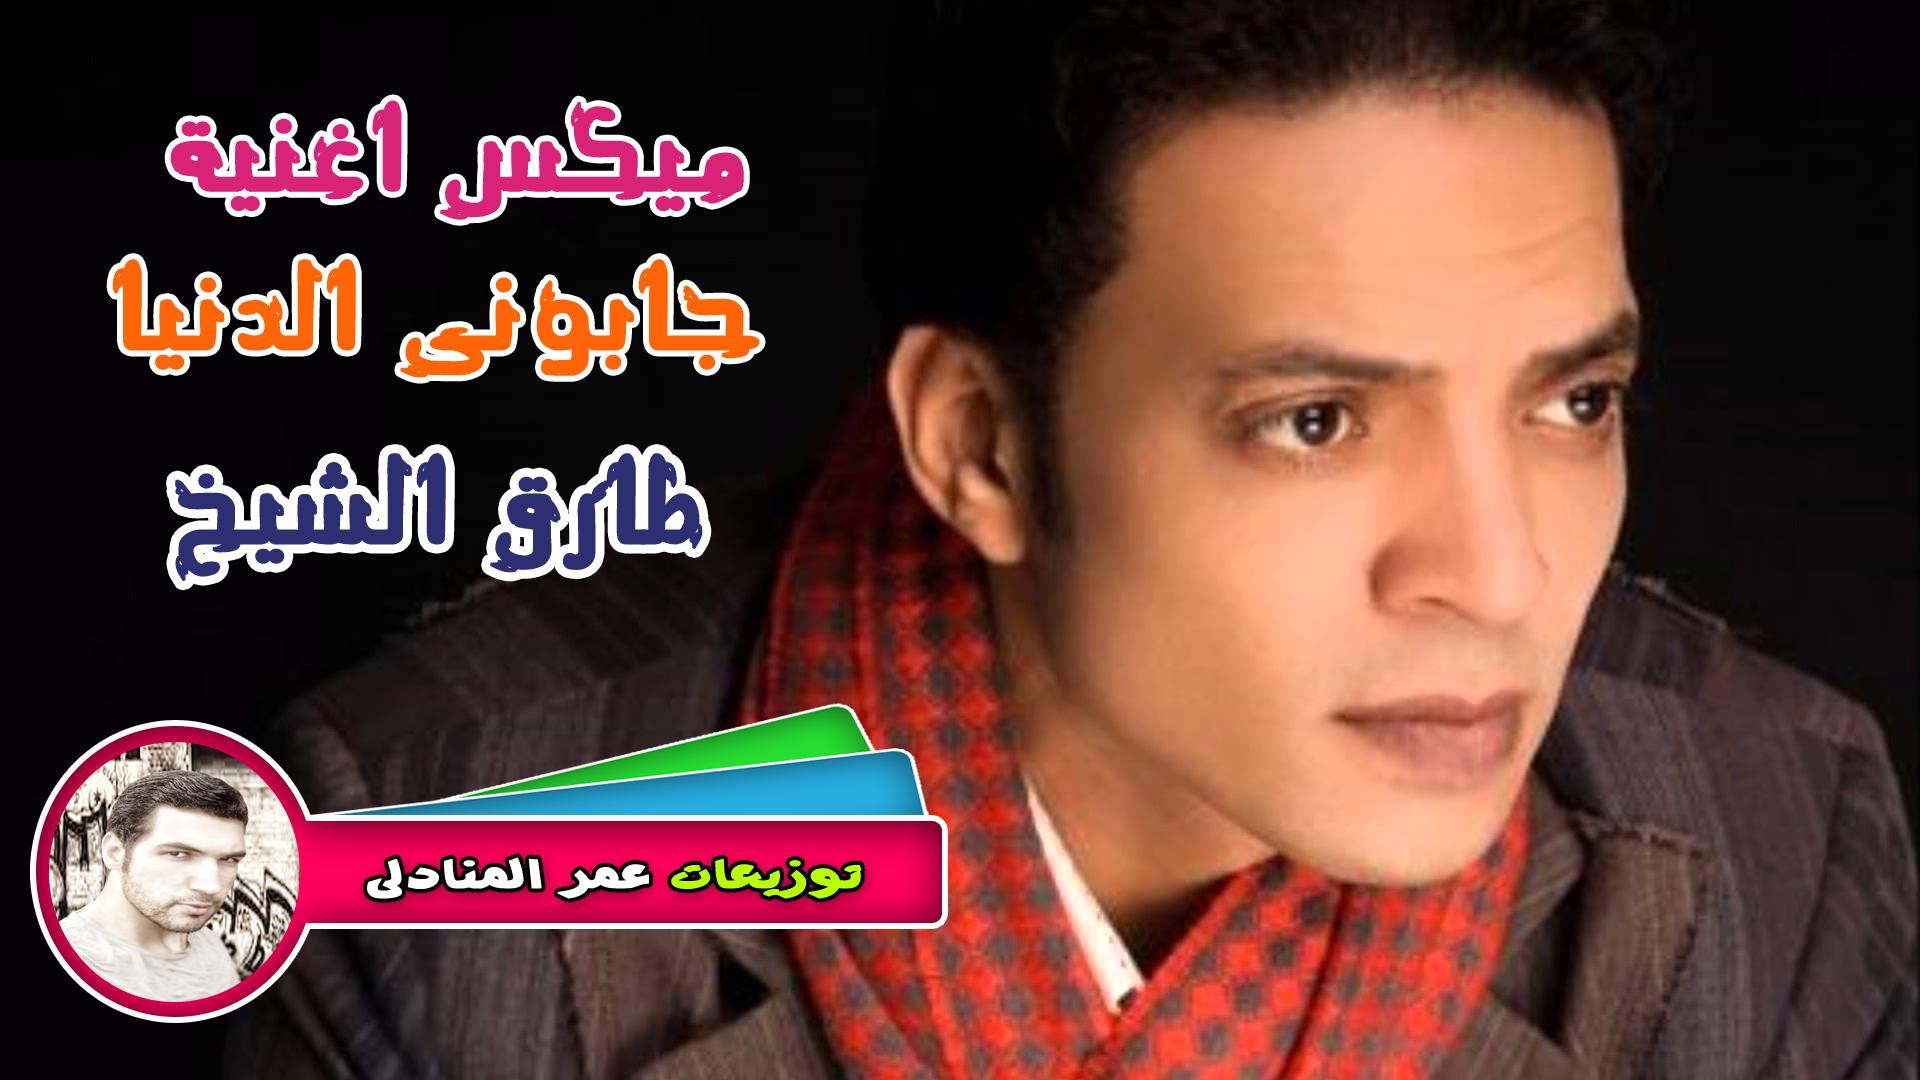 حصريا اغنية جابونى الدنيا غناء طارق الشيخ توزيع درامز عمر